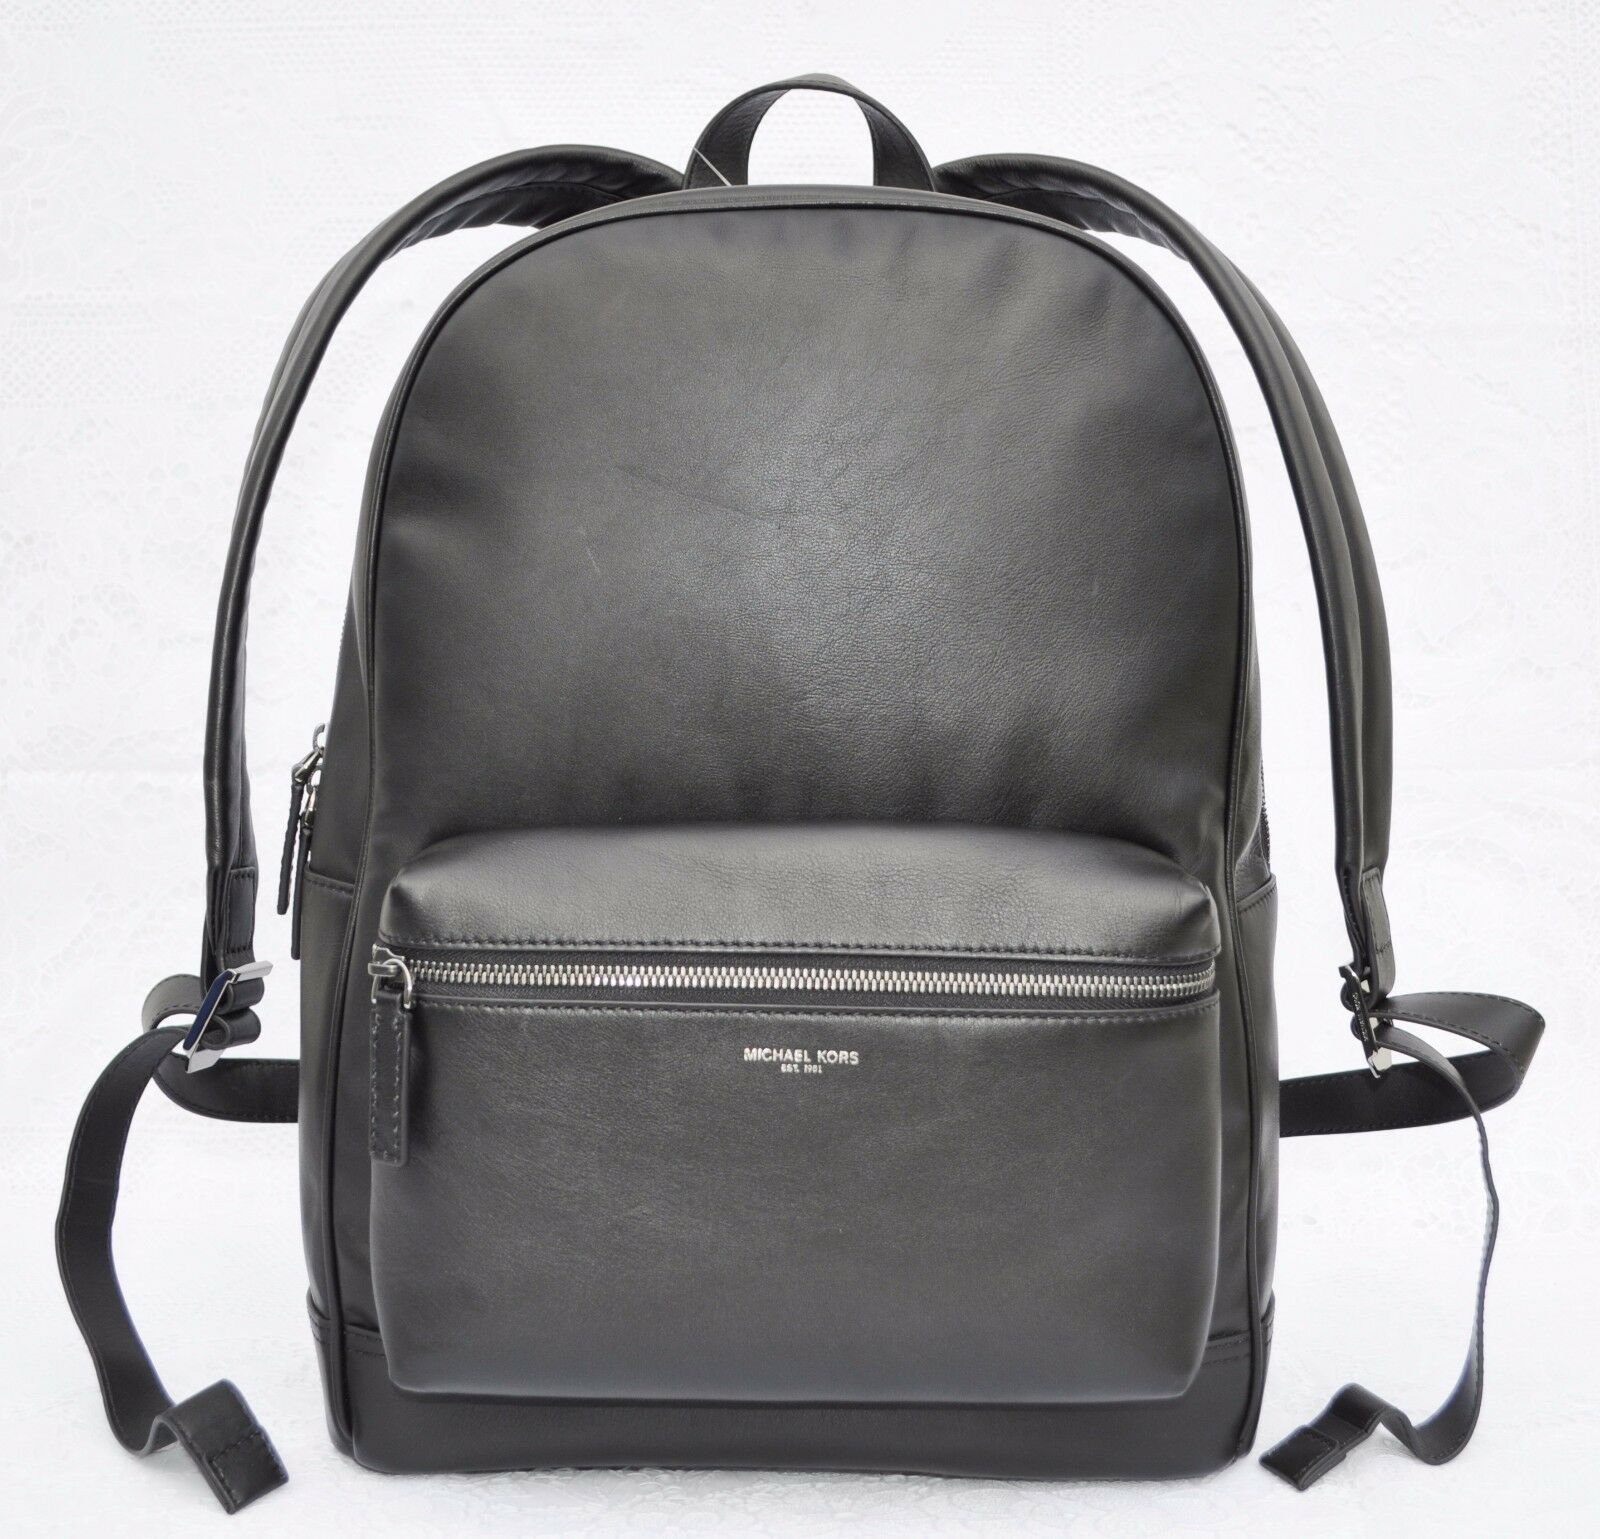 e3ed47fe79f2 Michael Kors Men's Dylan Milled Italian Soft Leather Backpack Black ...